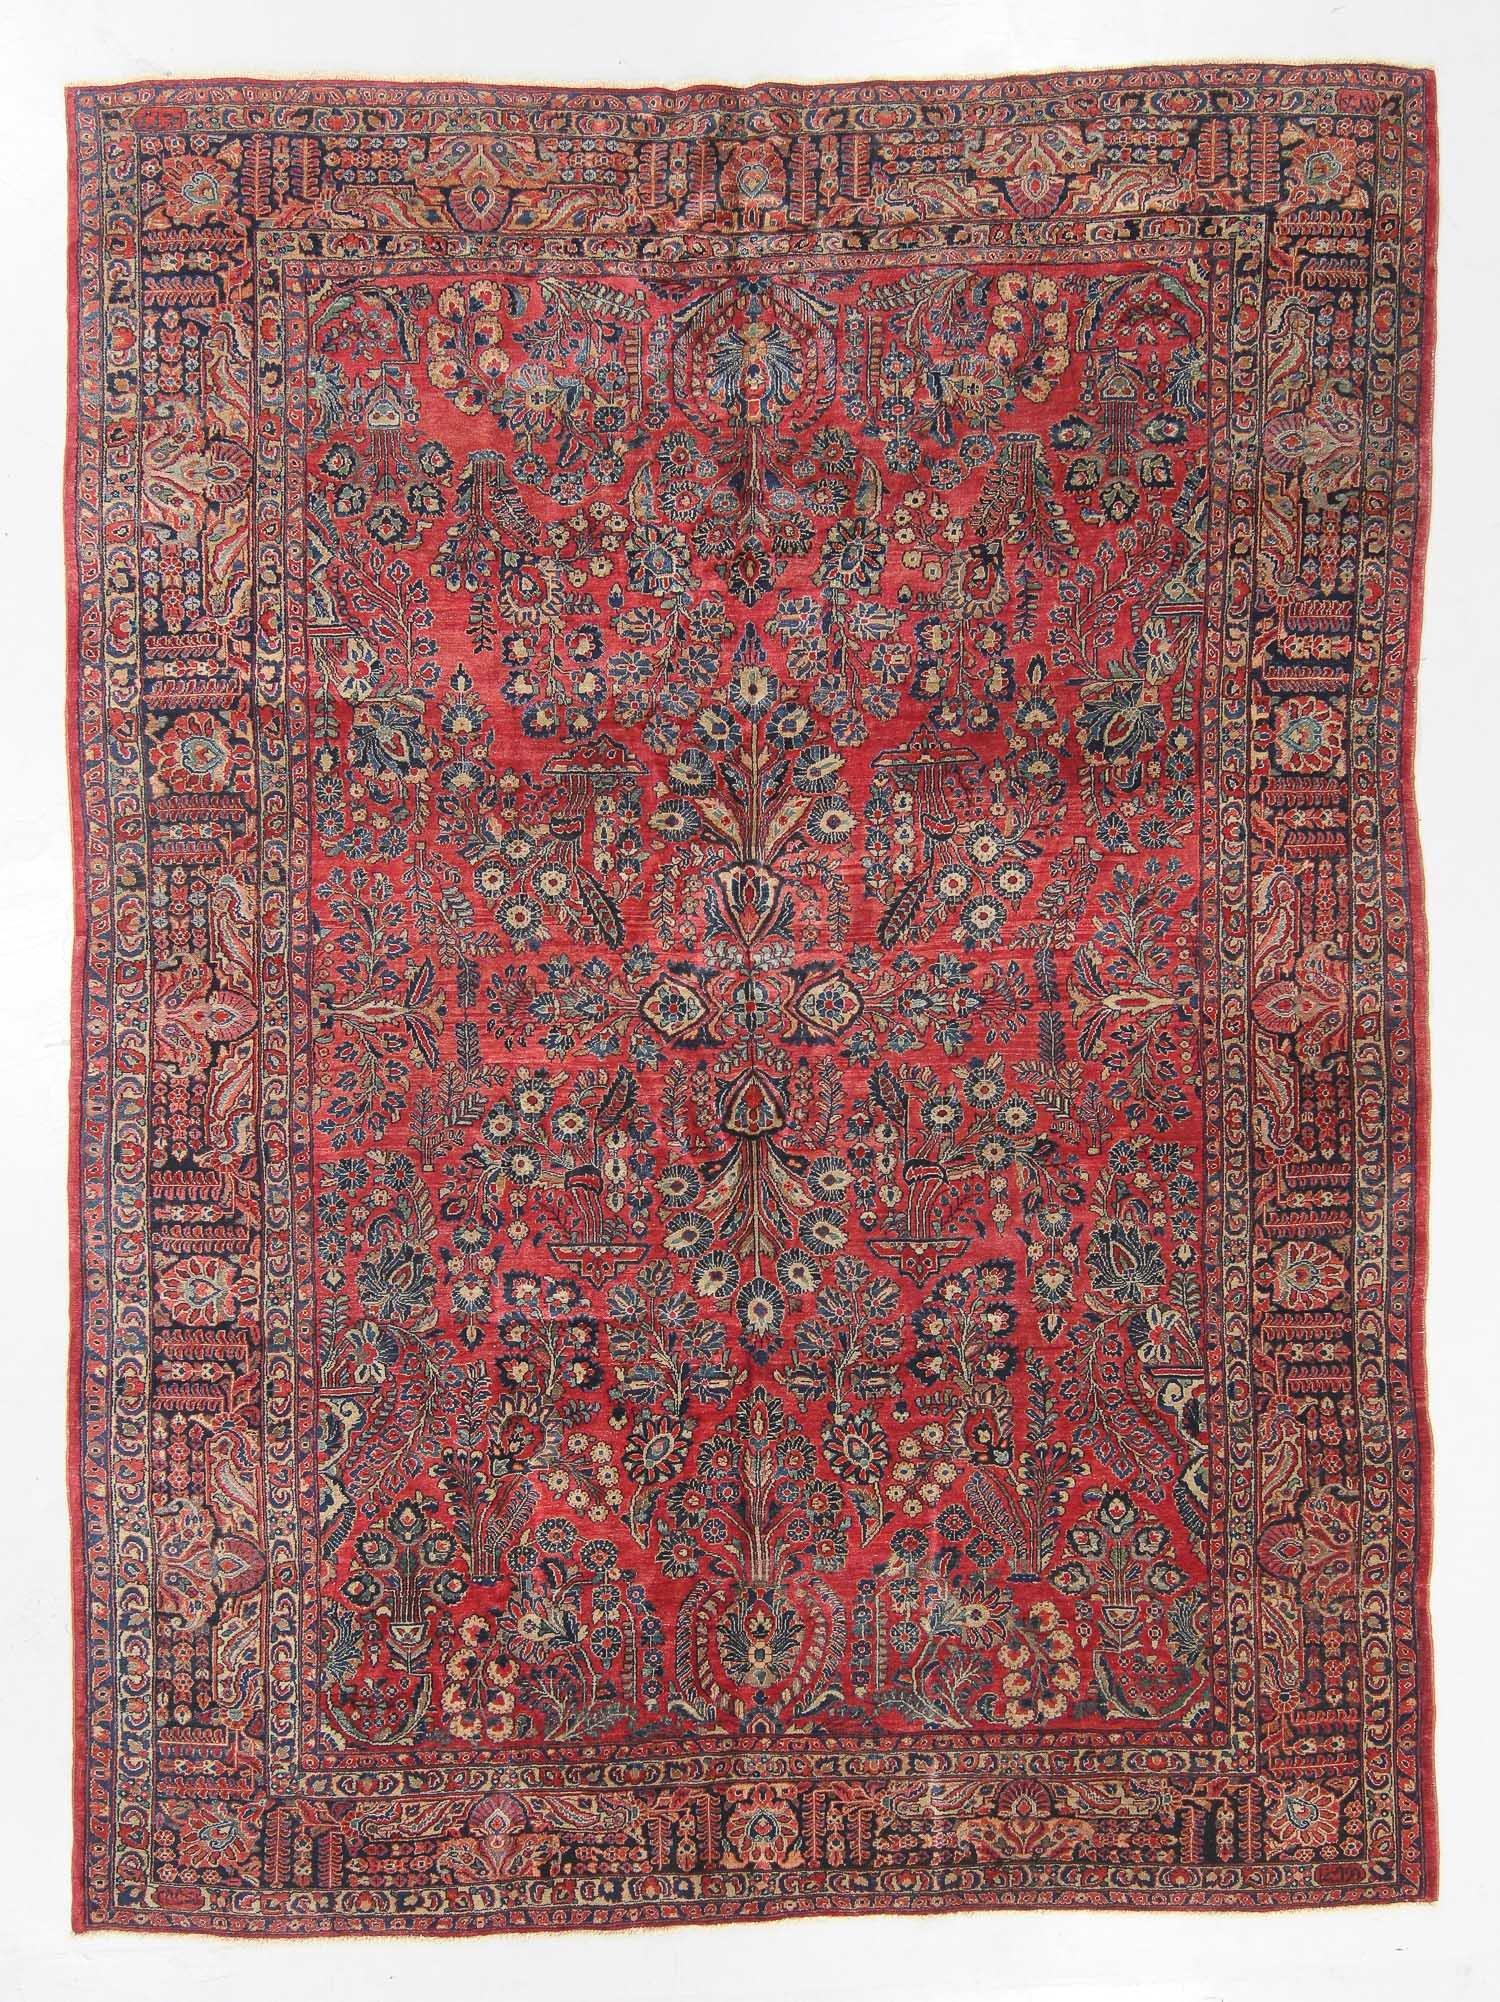 Antique Signed Sarouk Rug, Persia: 8'9'' x 11'10''